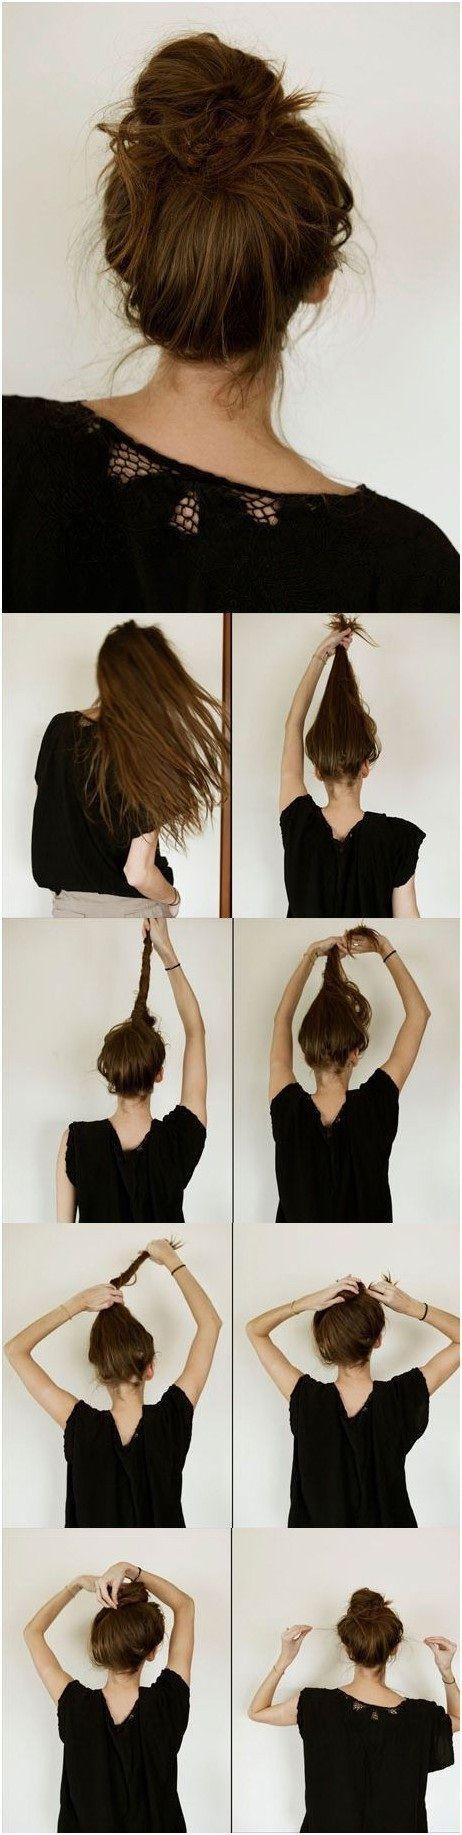 magnifiques tutoriels pour cheveux longs hair style haircuts